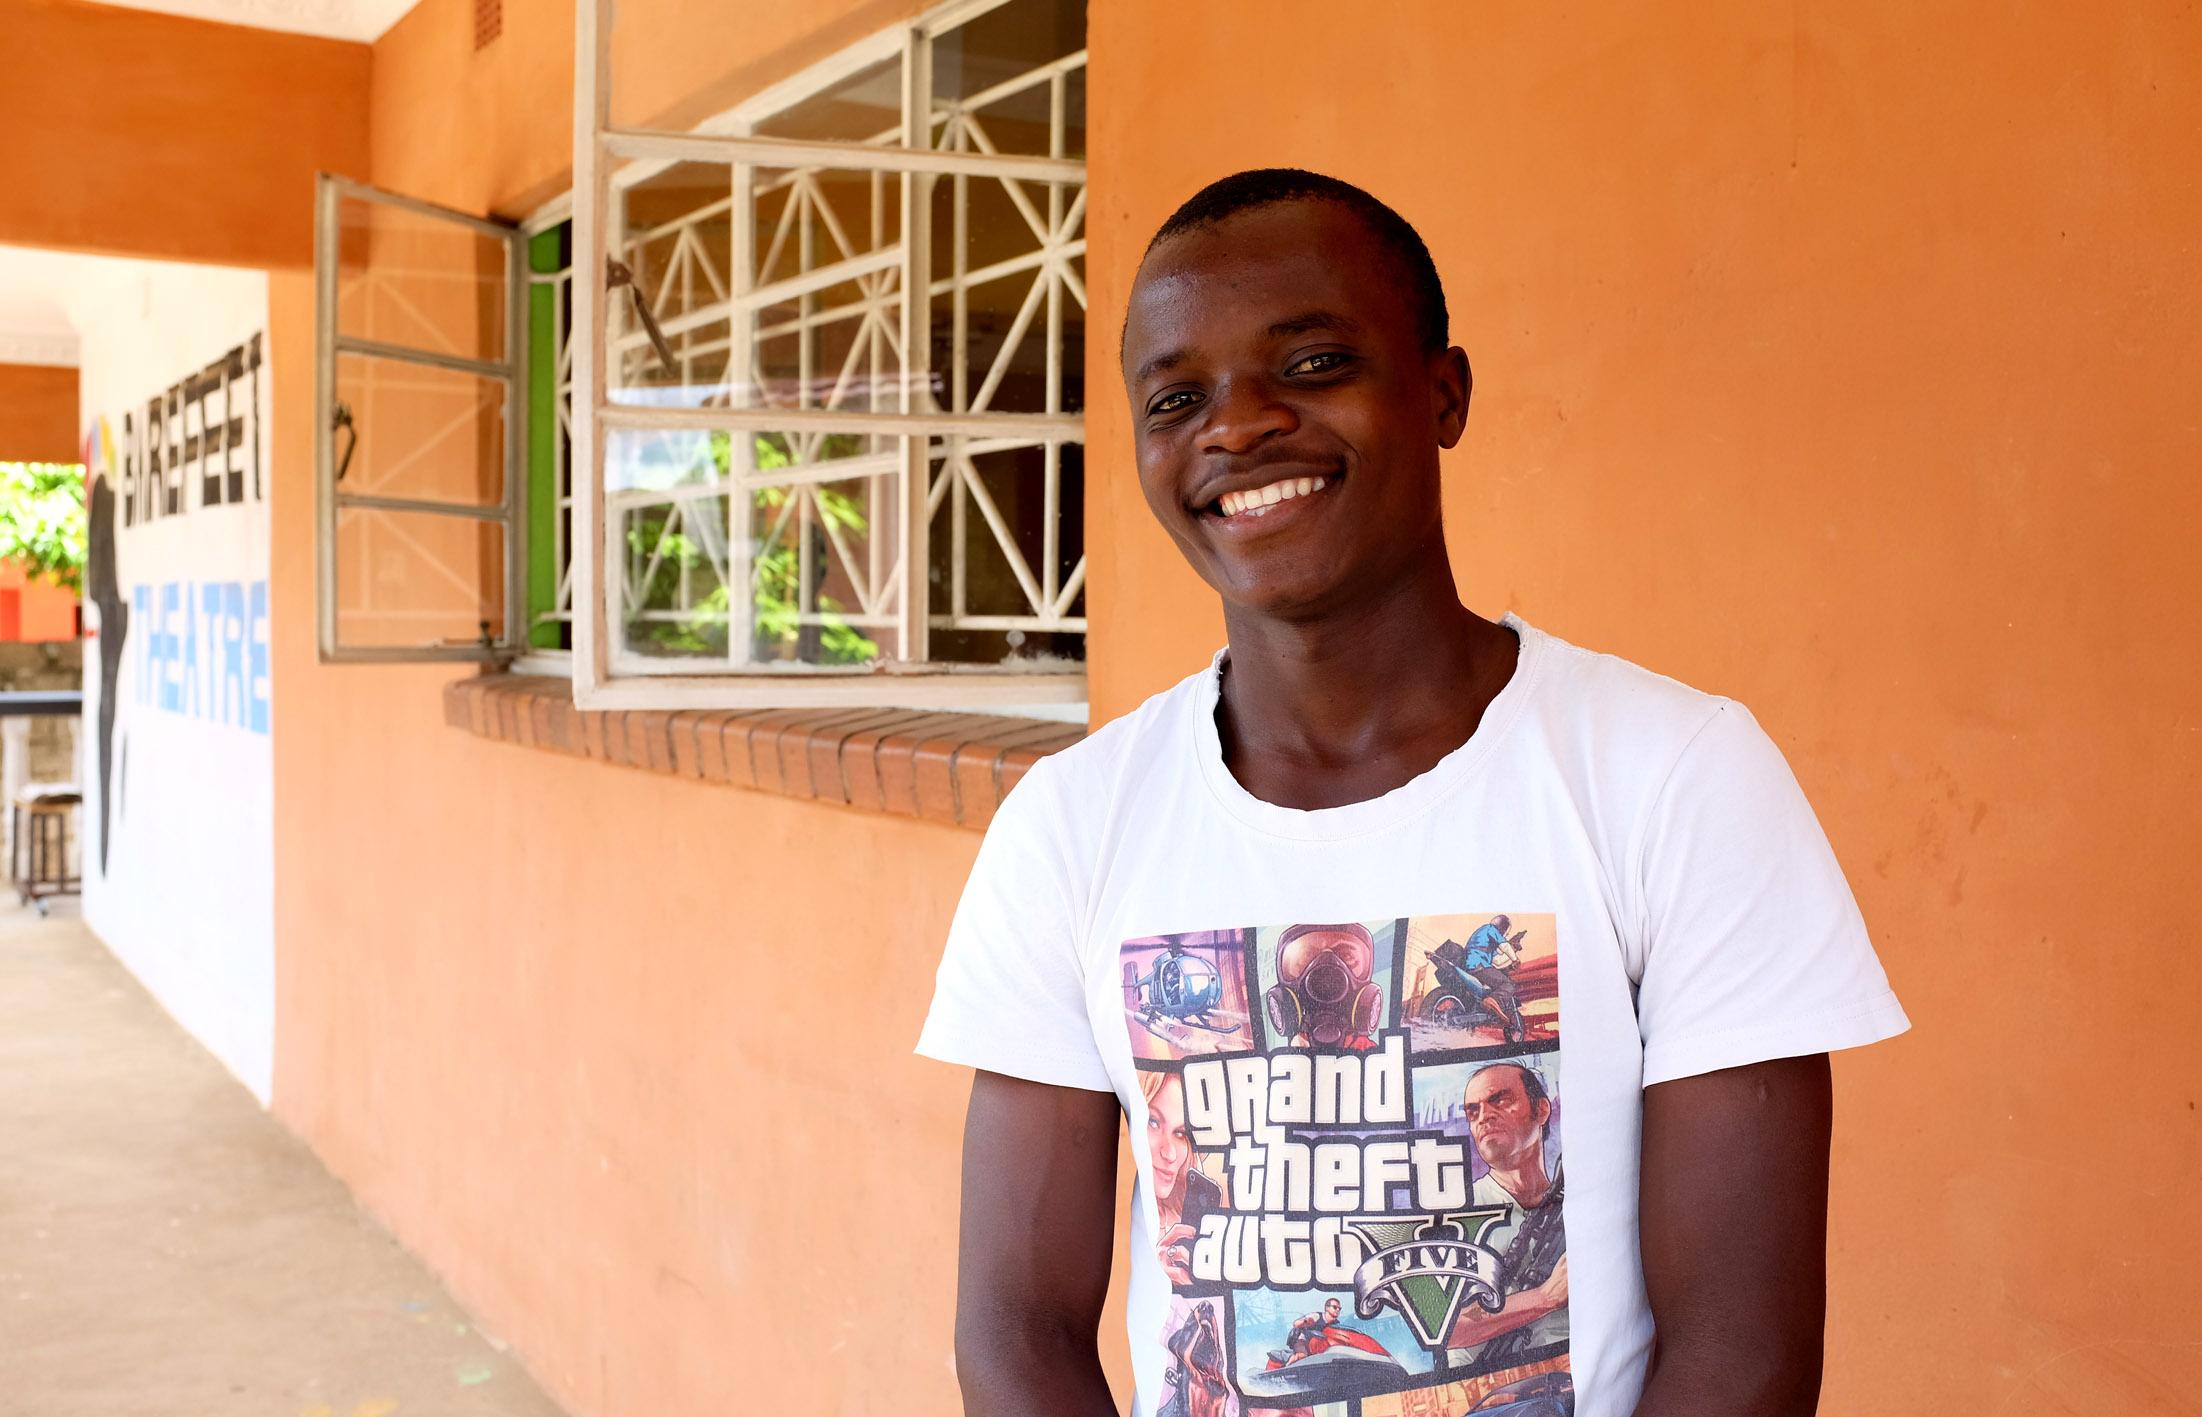 Hymyilevä nuori mies seisoo ulkona seinän edessä.